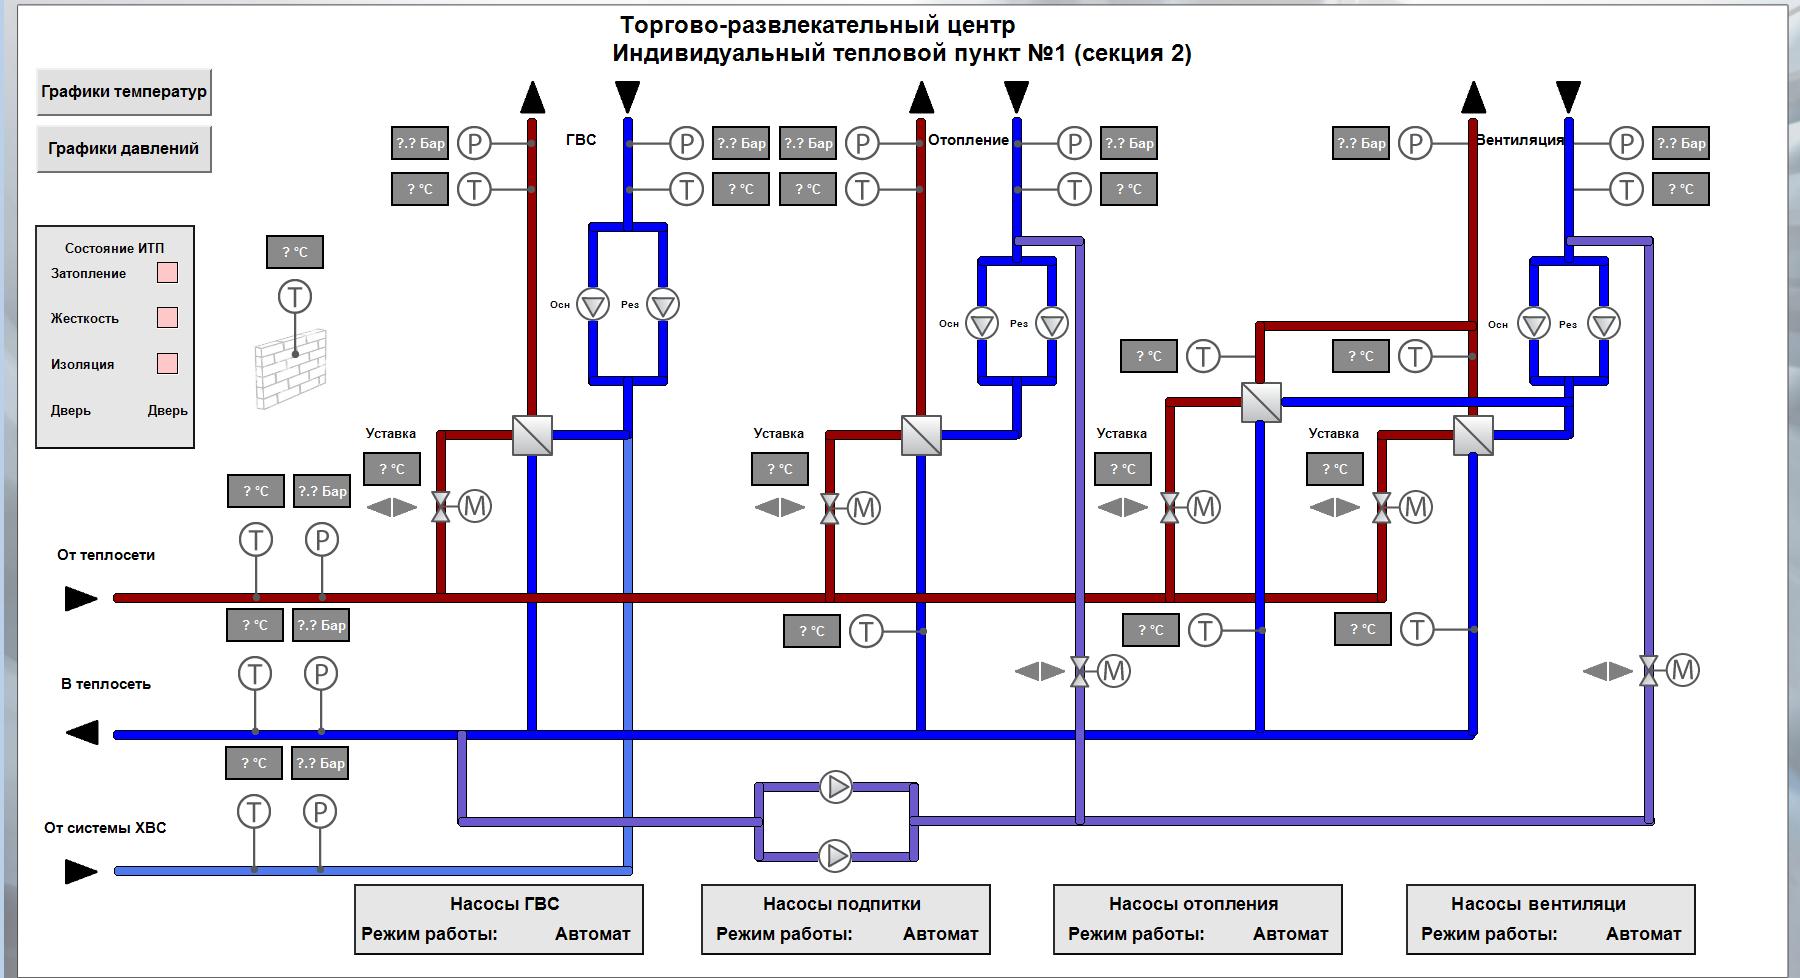 Пример интерфейса диспетчеризации теплового пункта